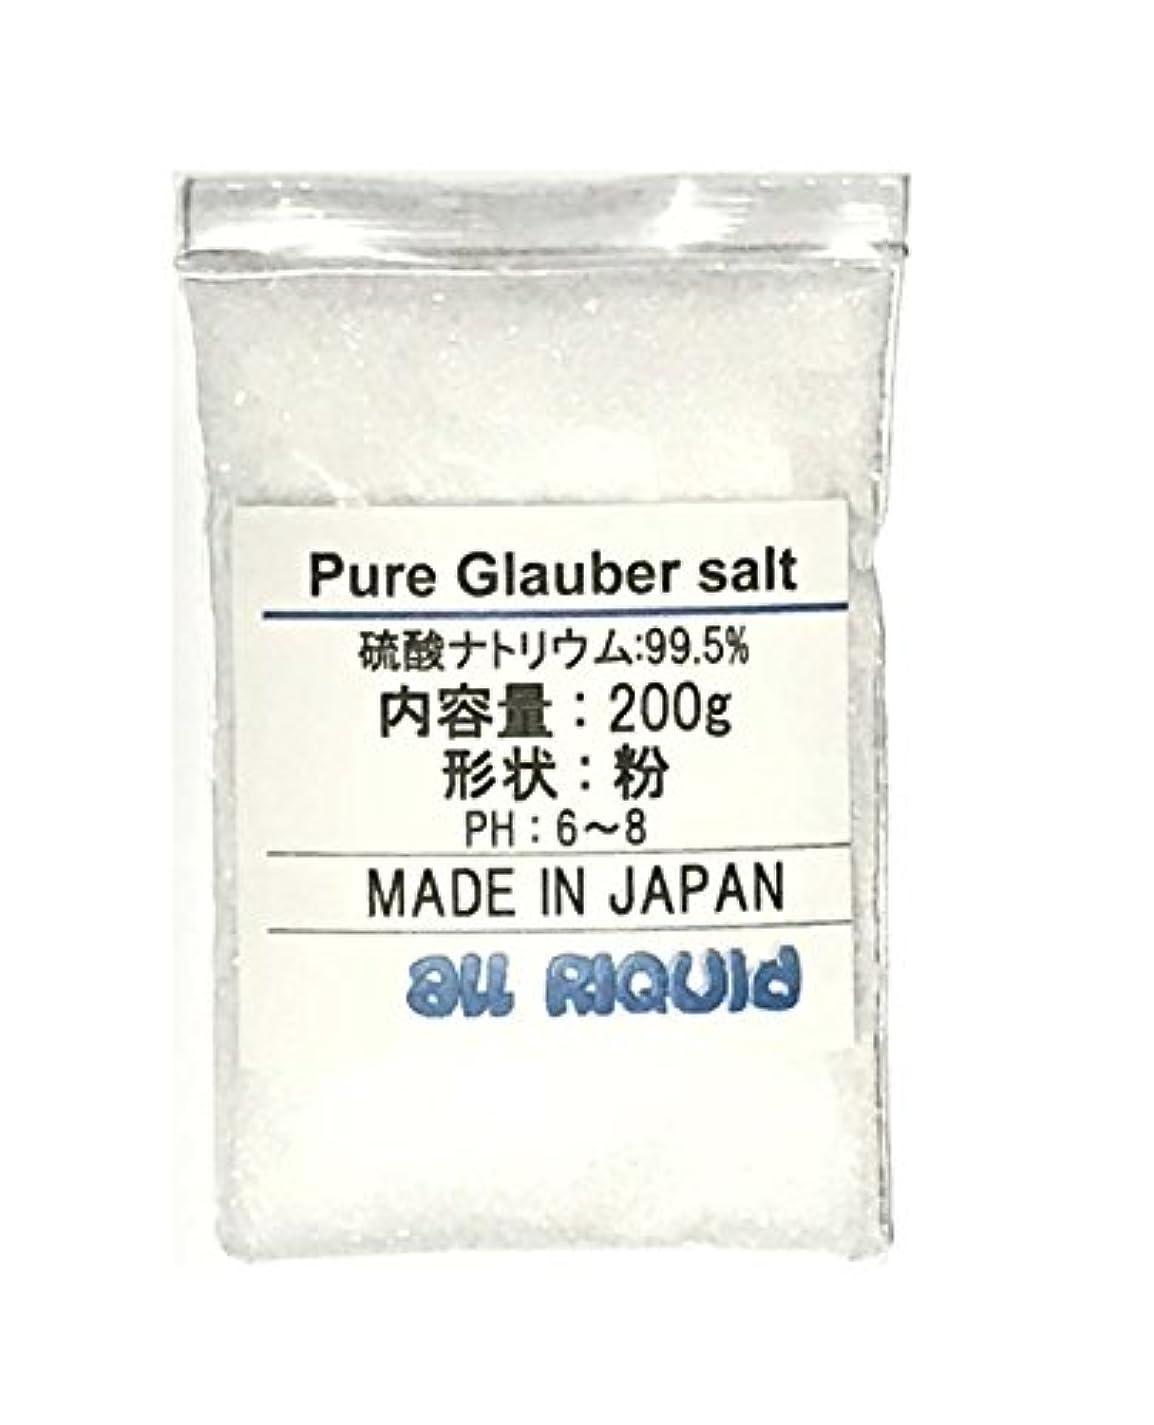 純 グラウバーソルト 200g x4 (硫酸ナトリウム) 40回分 99.5% 国産品 オールリキッド 芒硝 オレンジオイル配合